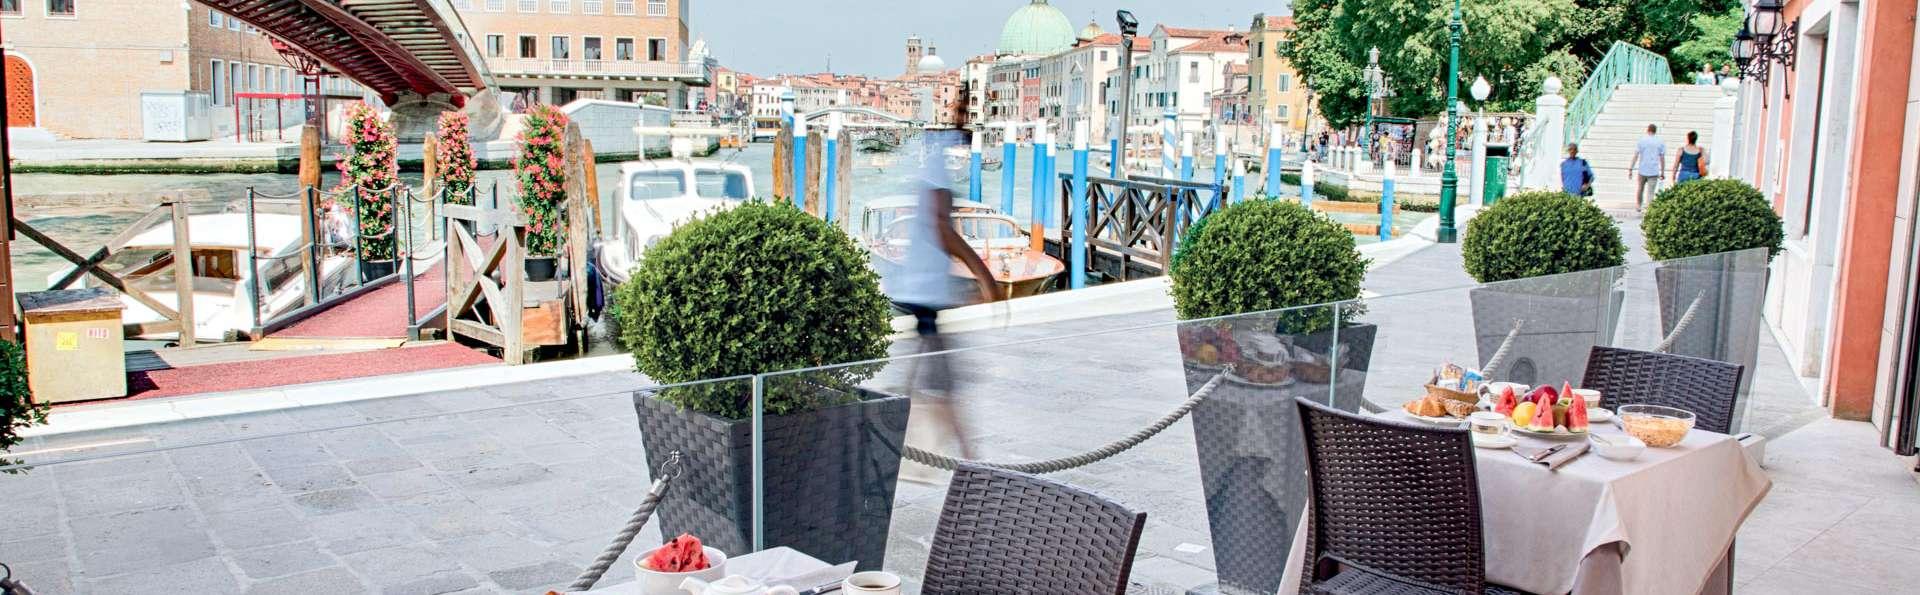 Escapade romantique dans le centre historique de Venise